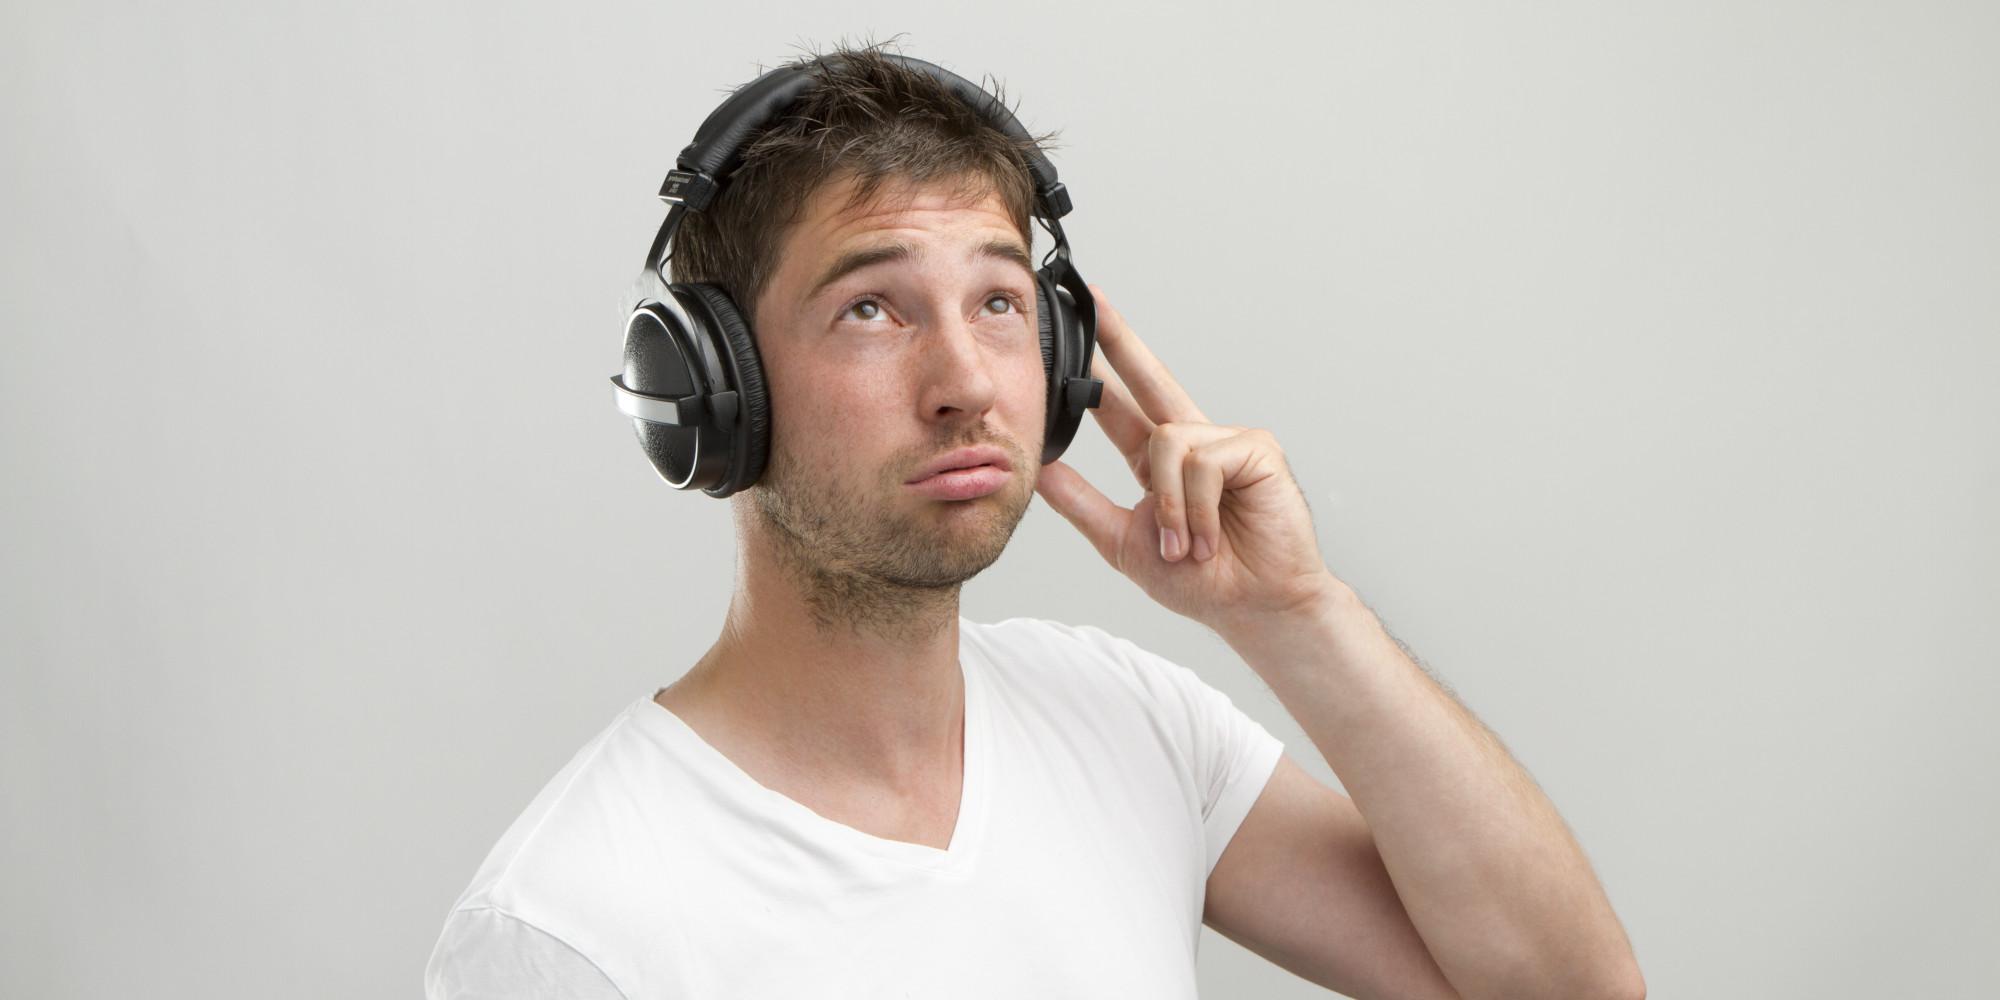 Δεν σας αρέσει η μουσική; Μπορεί να έχετε κάποια